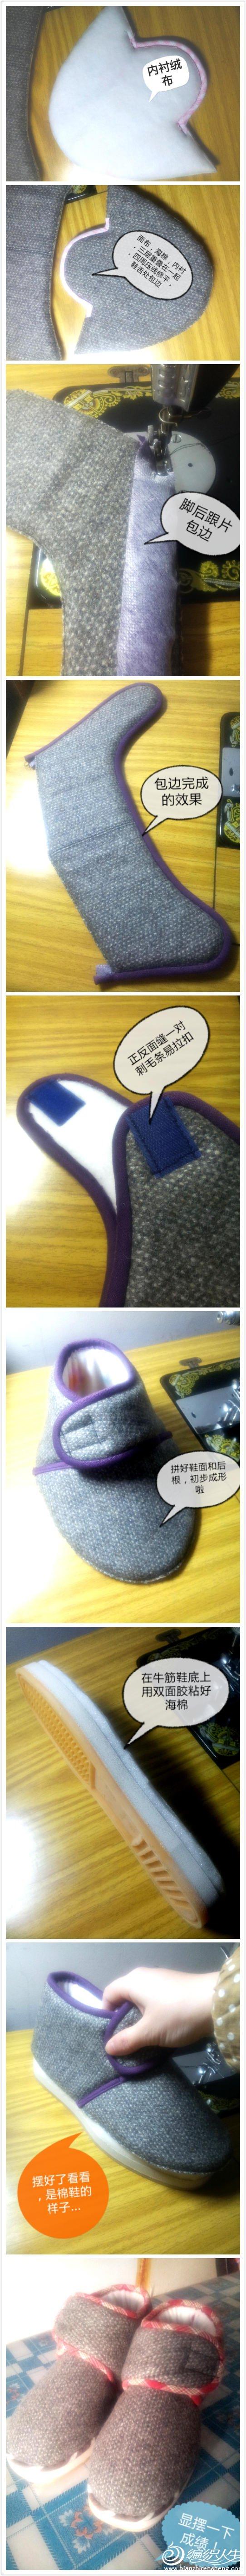 搭扣式棉鞋制作教程.jpg